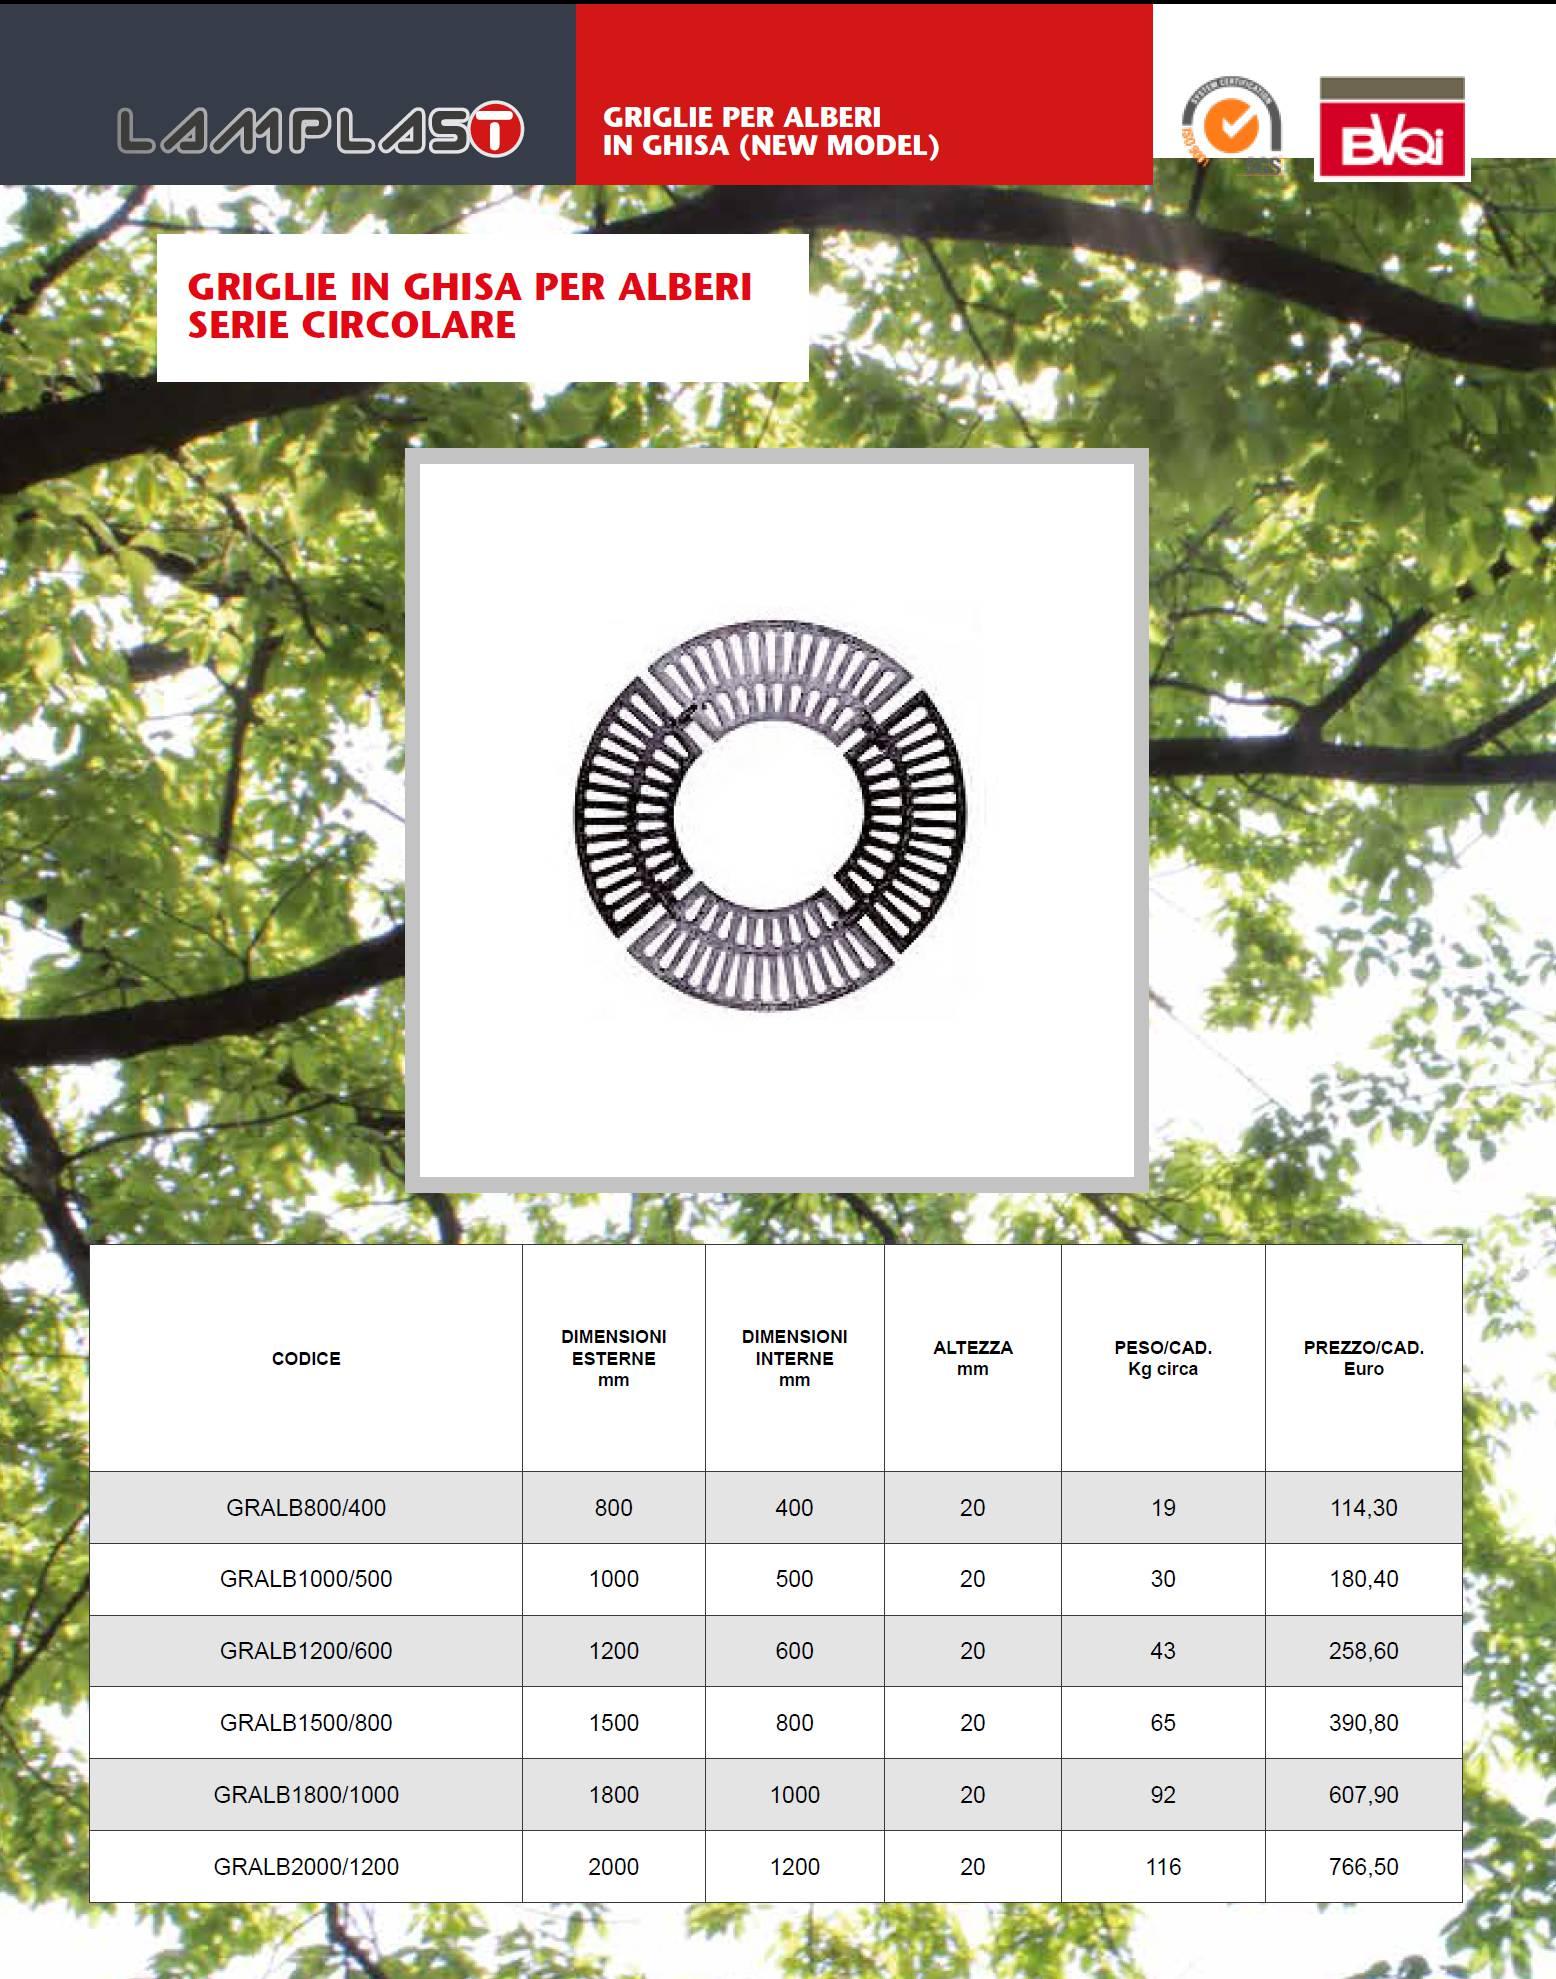 GRIGLIA ALBERI CIRCOLARE - MARCHE - LAMPLAST - LIST2021